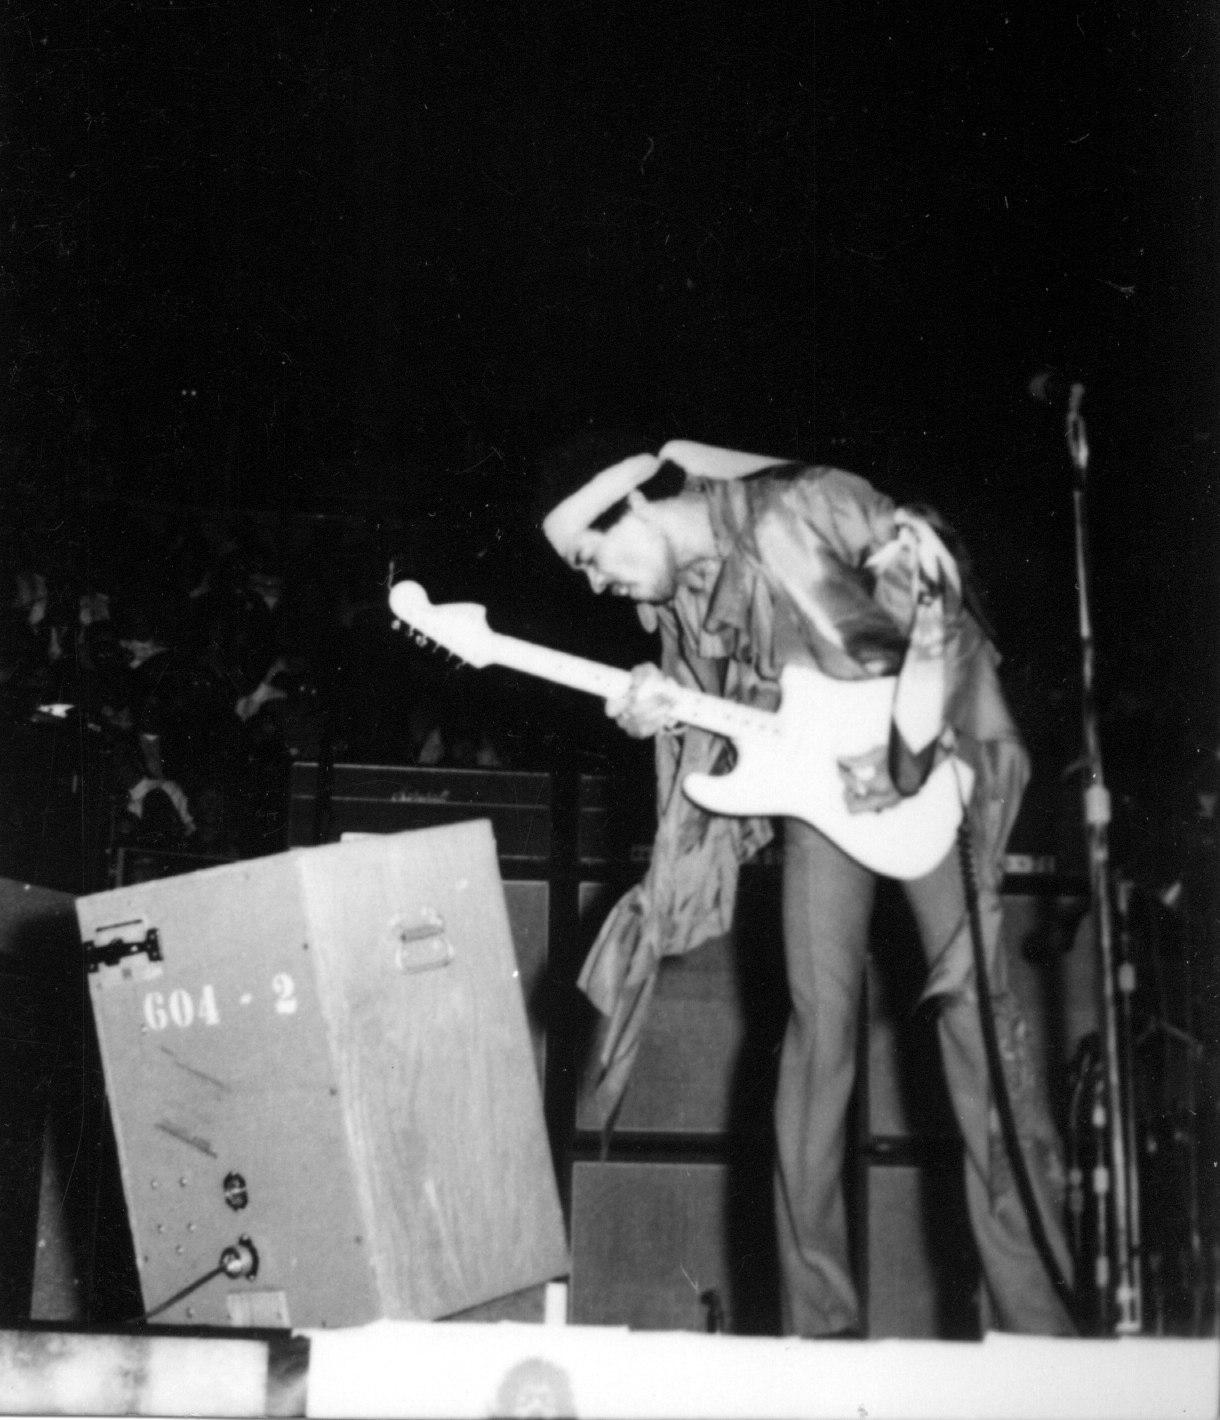 Lifelines - The L.A. Forum Concert (1990) [CD4]  - Page 2 4384a51db184eb12287e1355749087d8